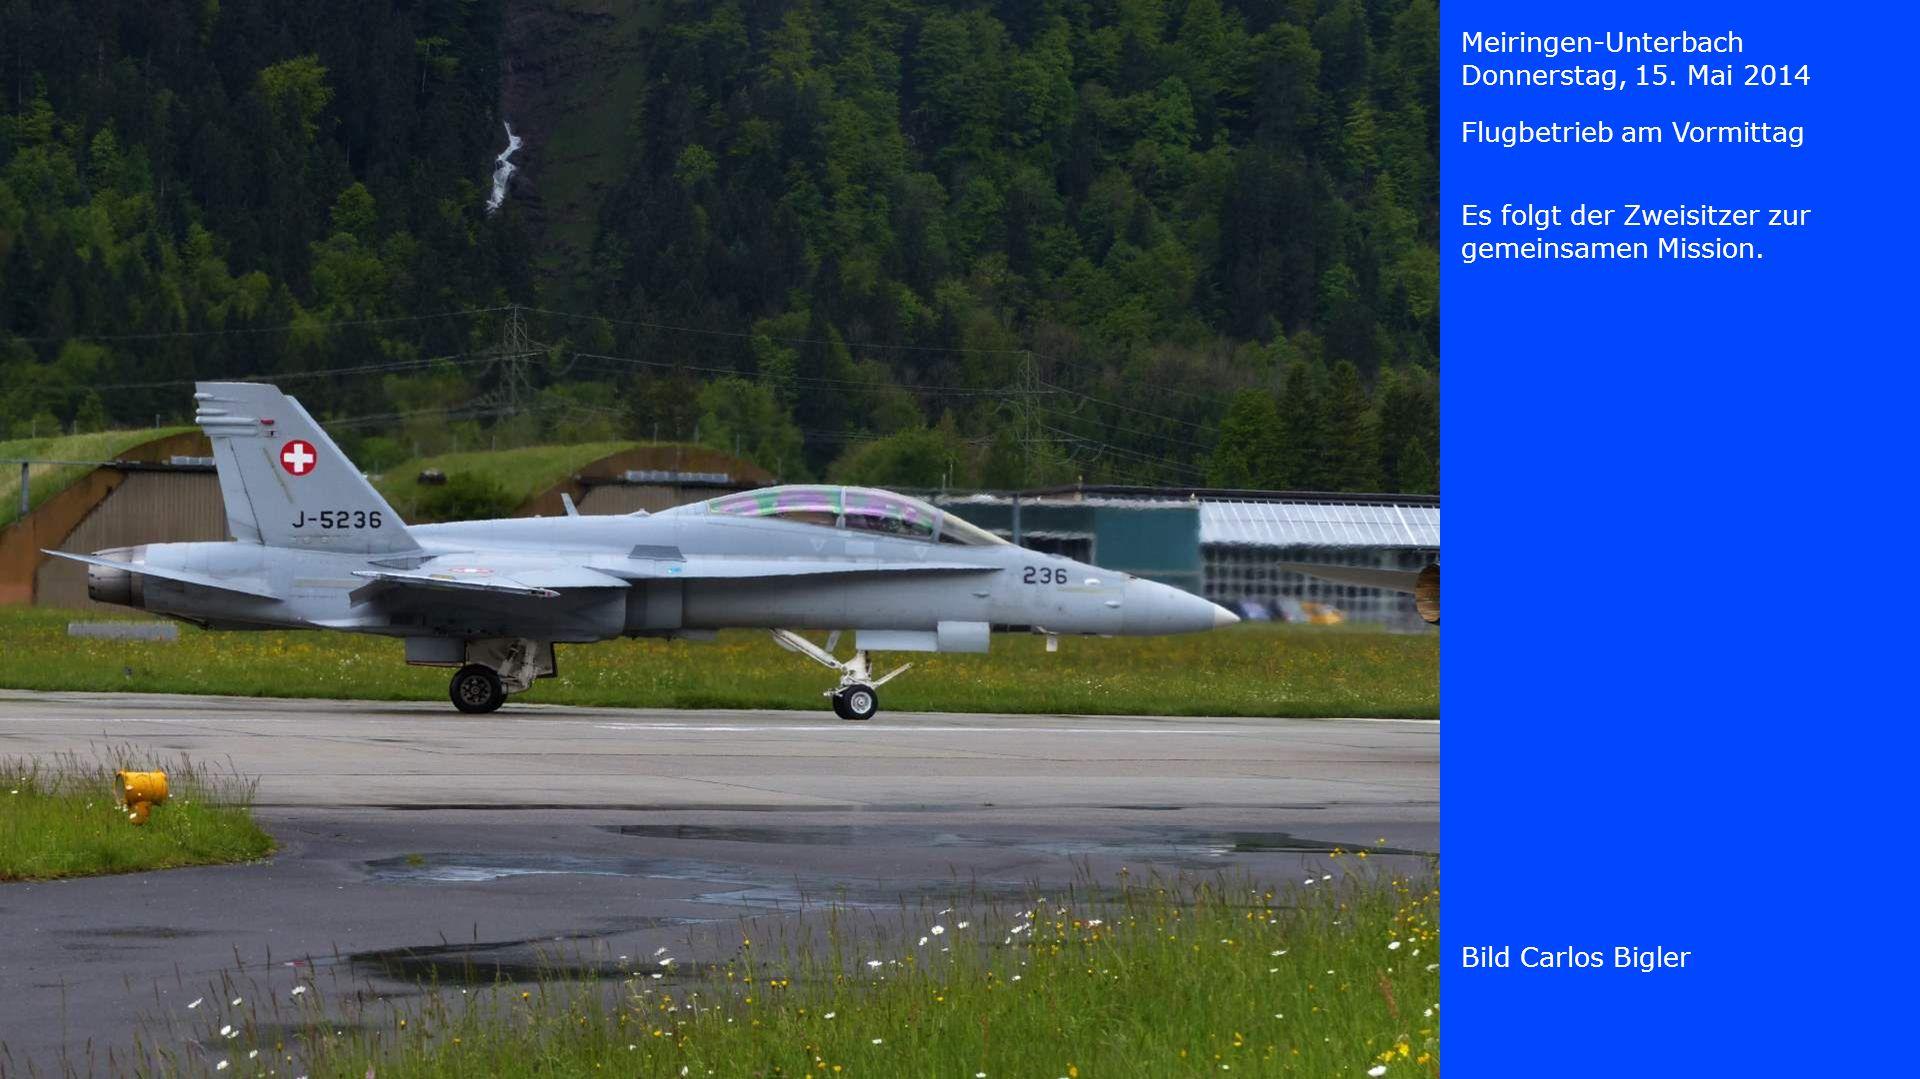 Meiringen-Unterbach Donnerstag, 15. Mai 2014. Flugbetrieb am Vormittag. Es folgt der Zweisitzer zur gemeinsamen Mission.